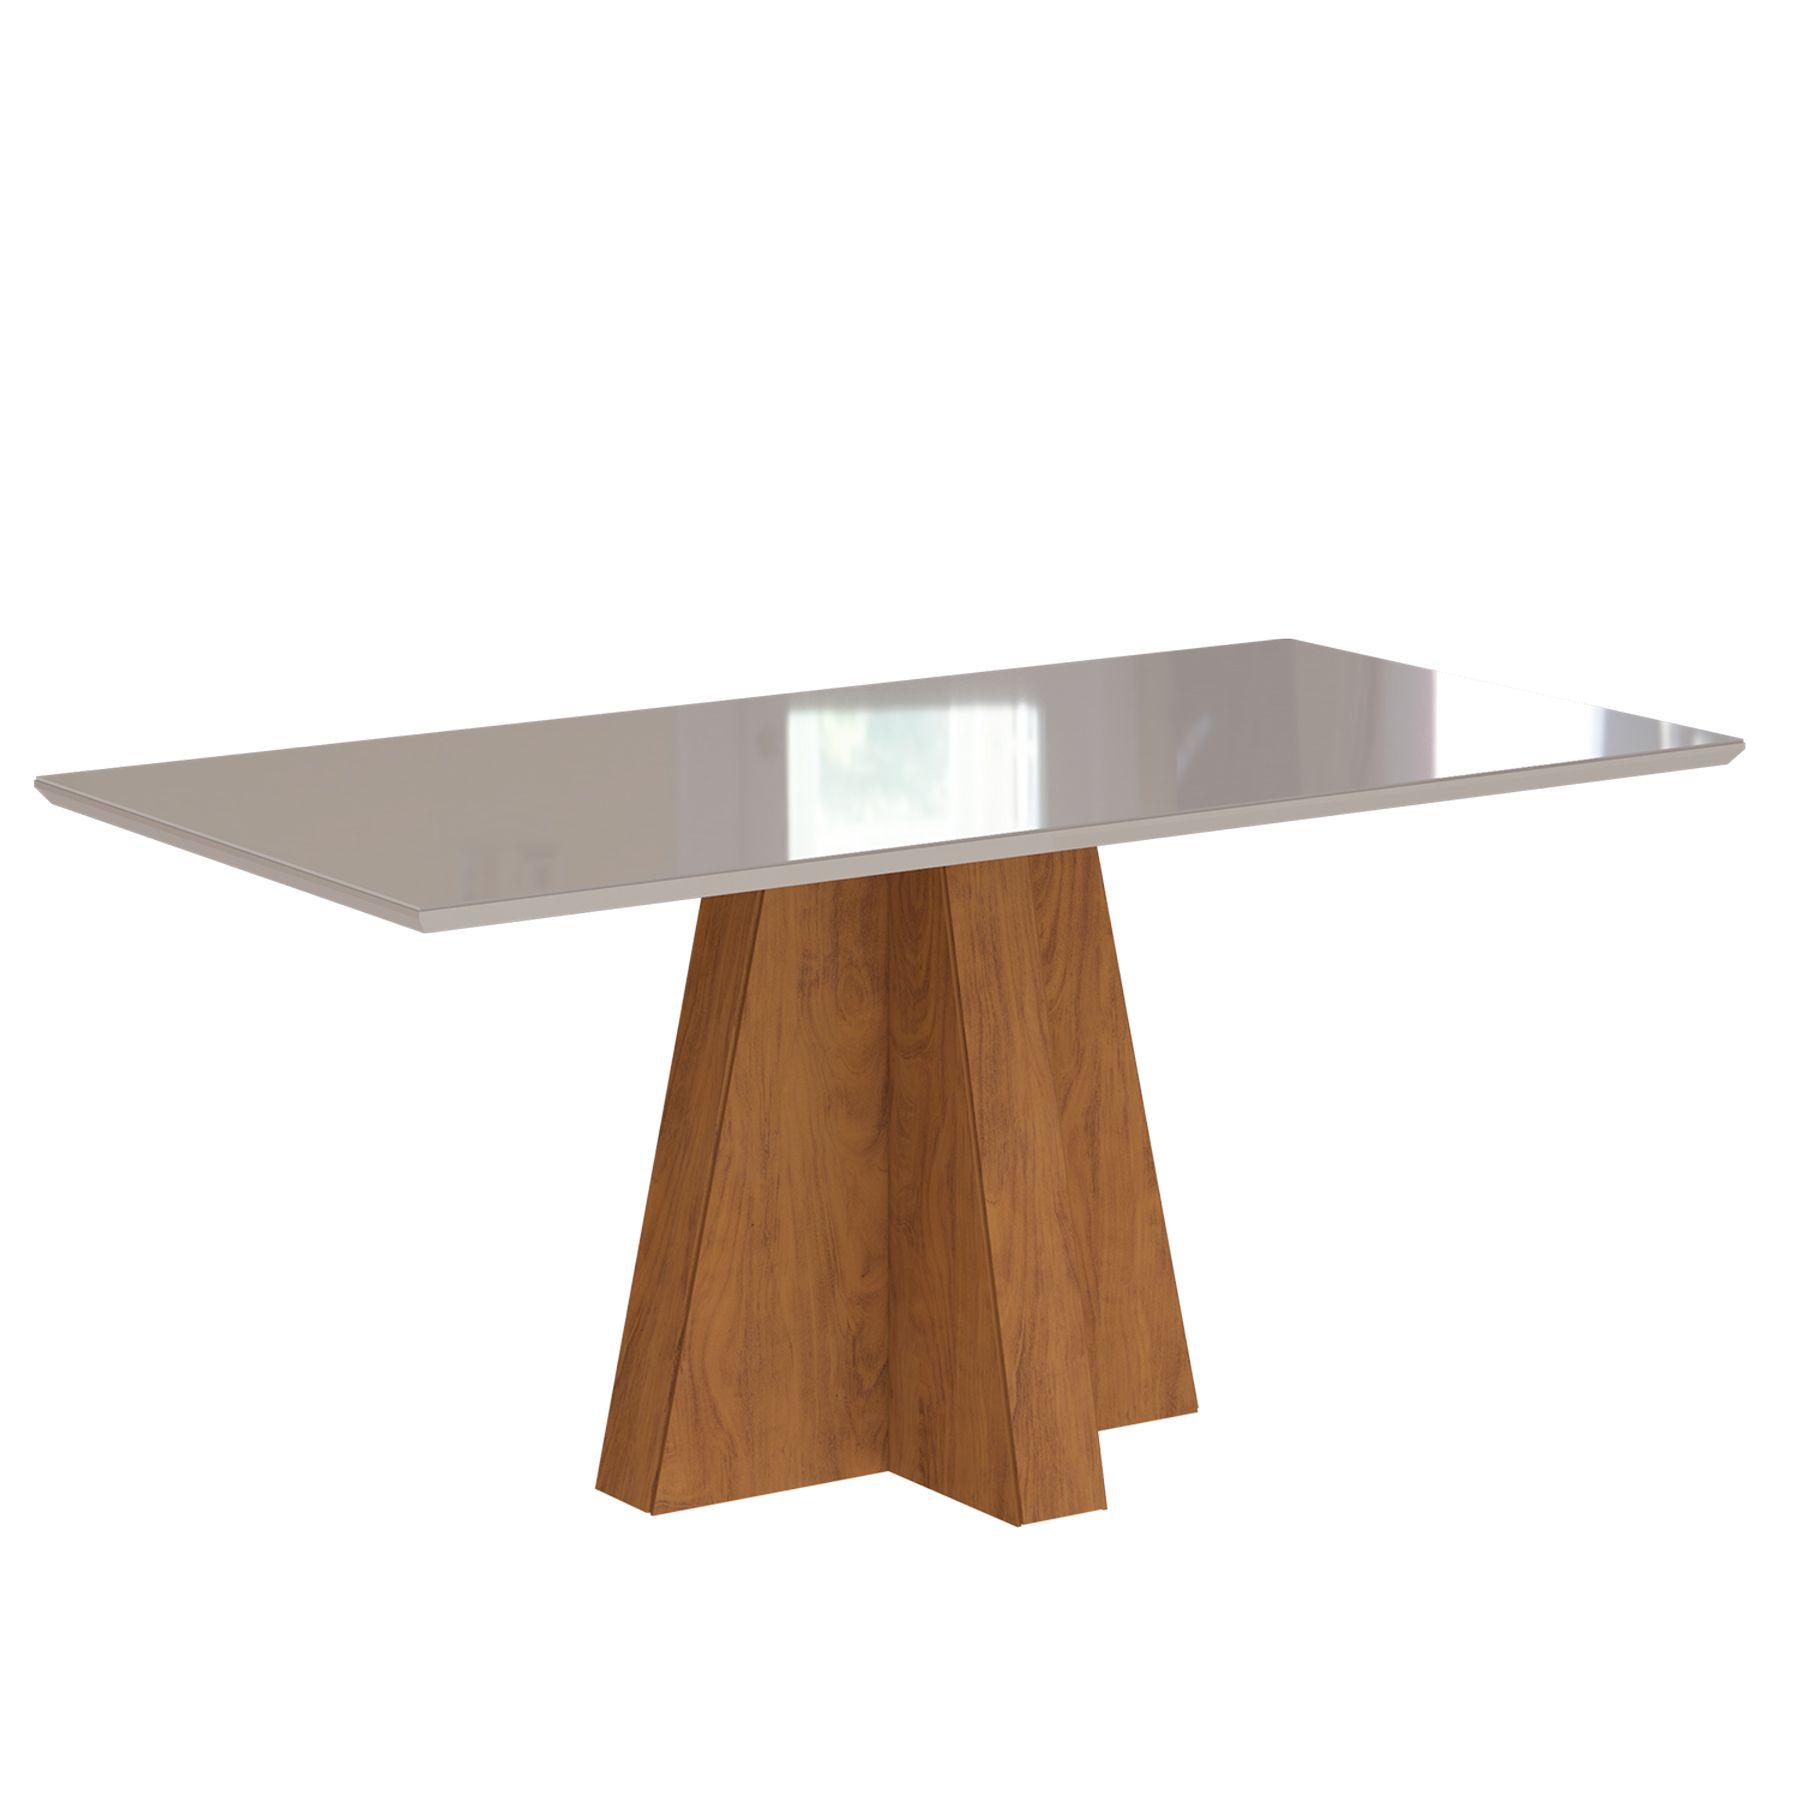 Mesa para Sala de Jantar Patricia com tampo de MDF/Vidro 130 cm Cimol Savana/Off White